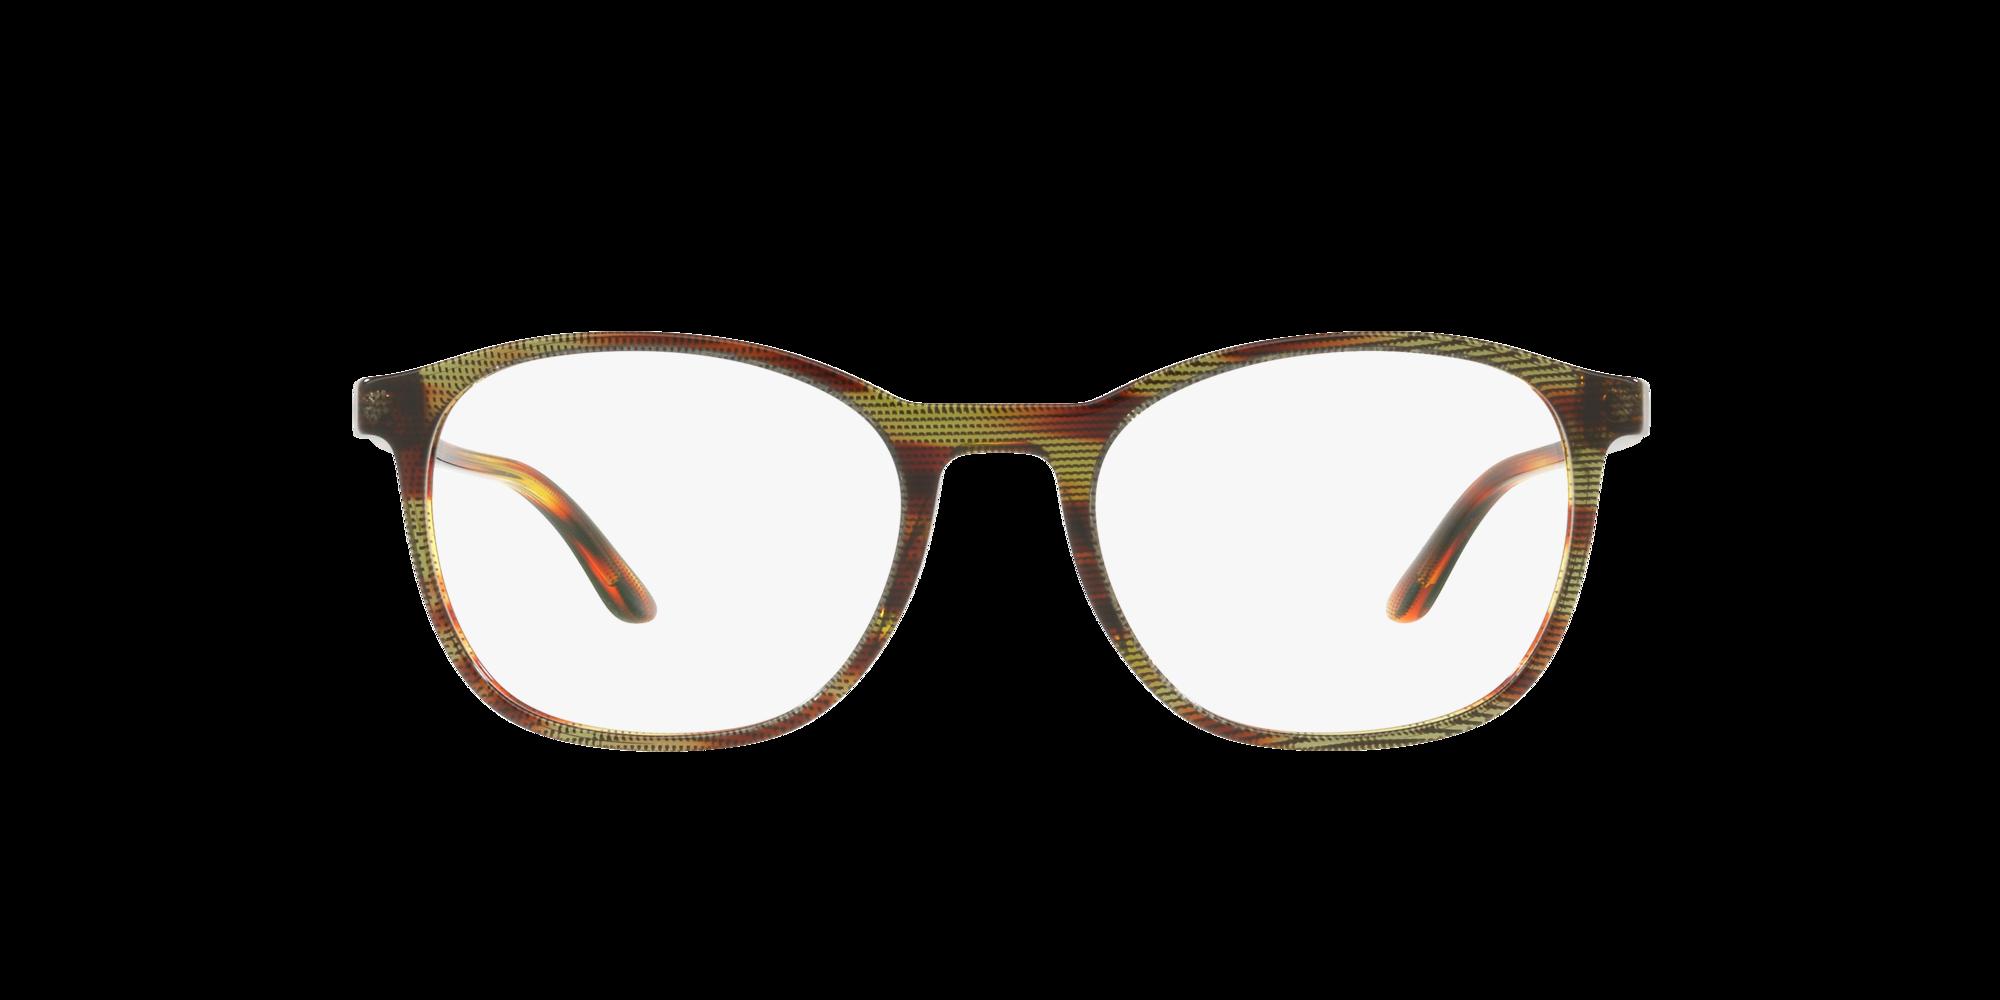 Imagen para SH3045 de LensCrafters |  Espejuelos, espejuelos graduados en línea, gafas